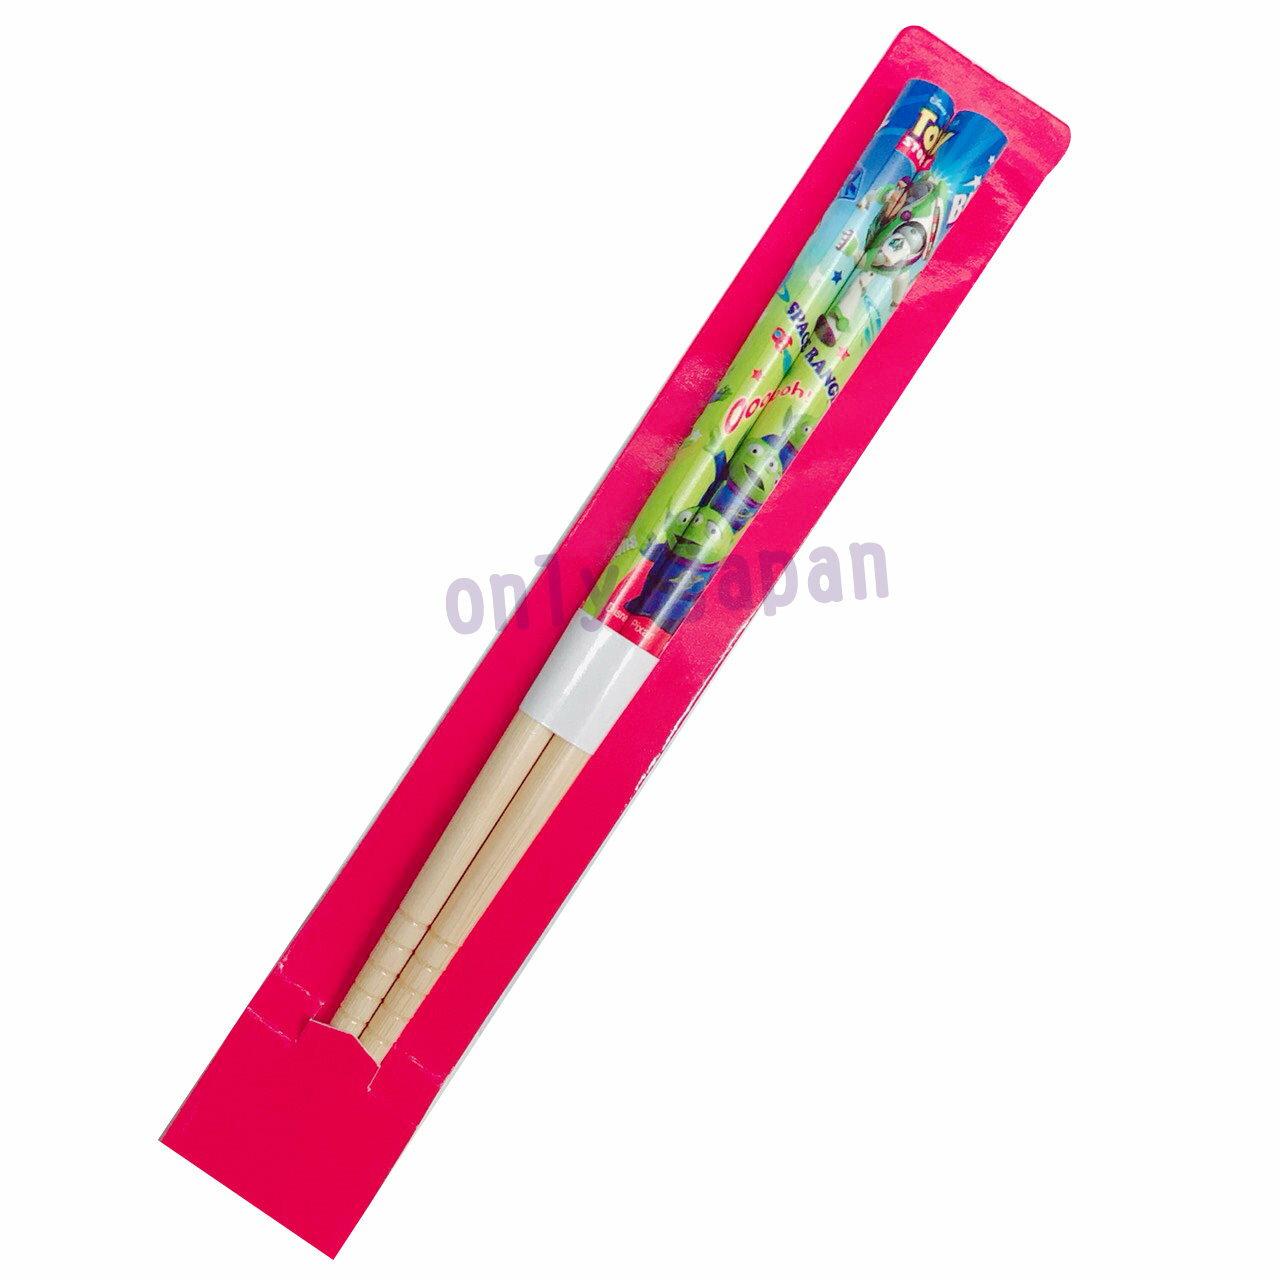 【真愛日本】16121500024 漆器天然竹筷子-16.5CM三眼怪 迪士尼 玩具總動員 三眼怪 竹筷 筷子 食器